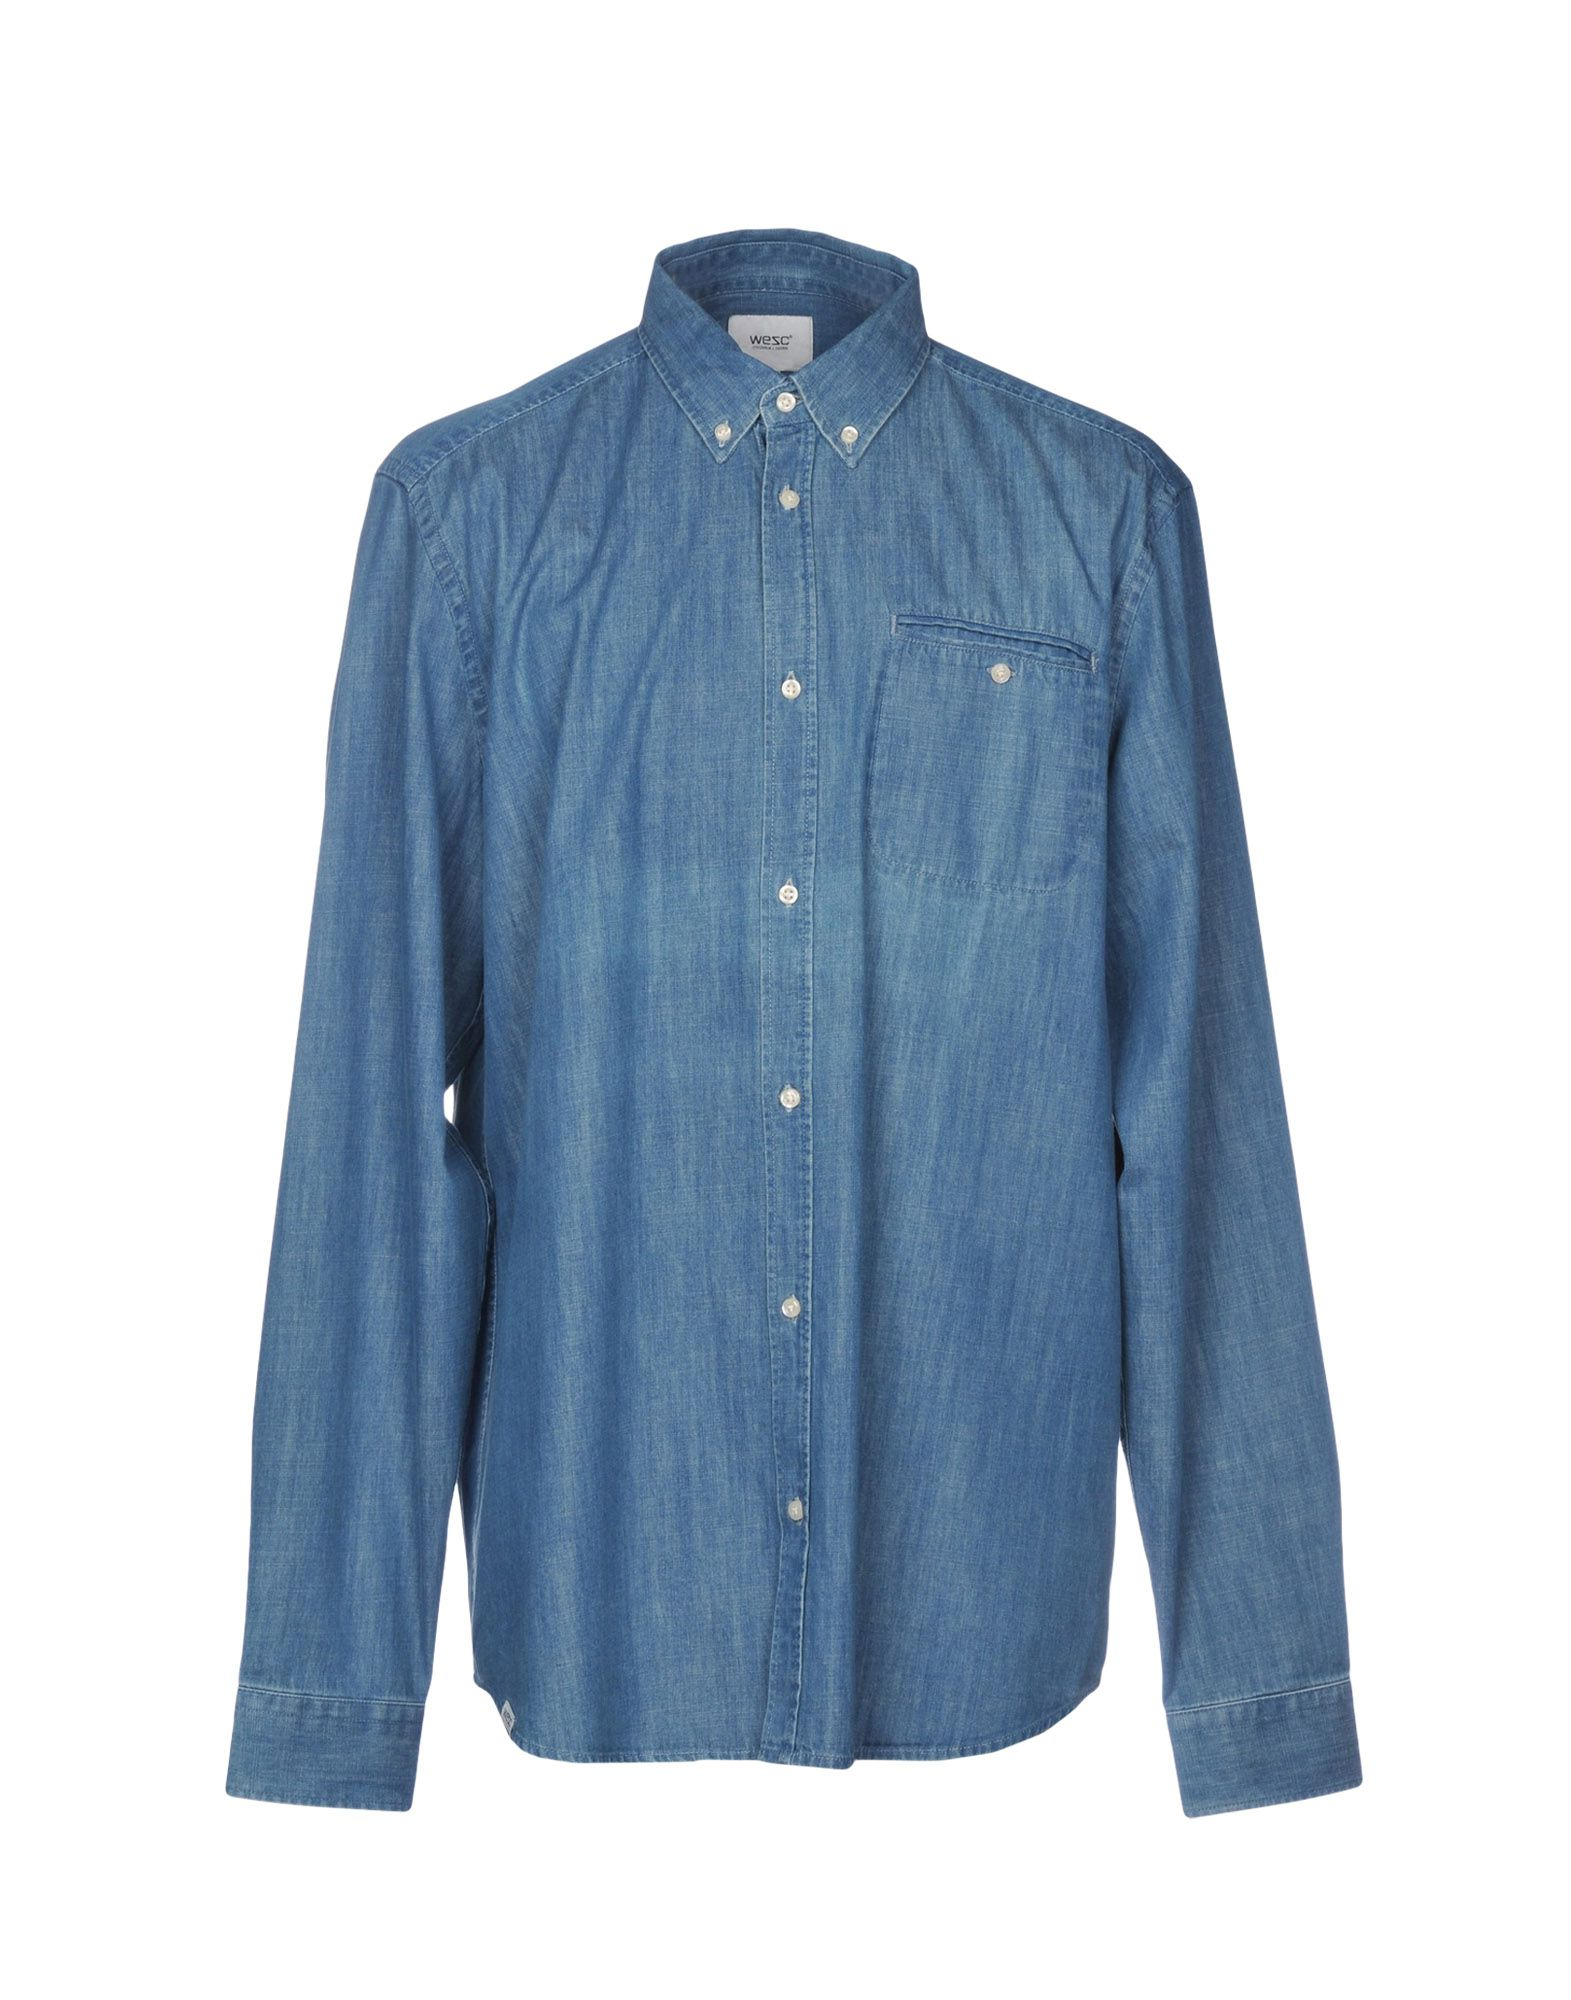 WESC Джинсовая рубашка wesc ремень